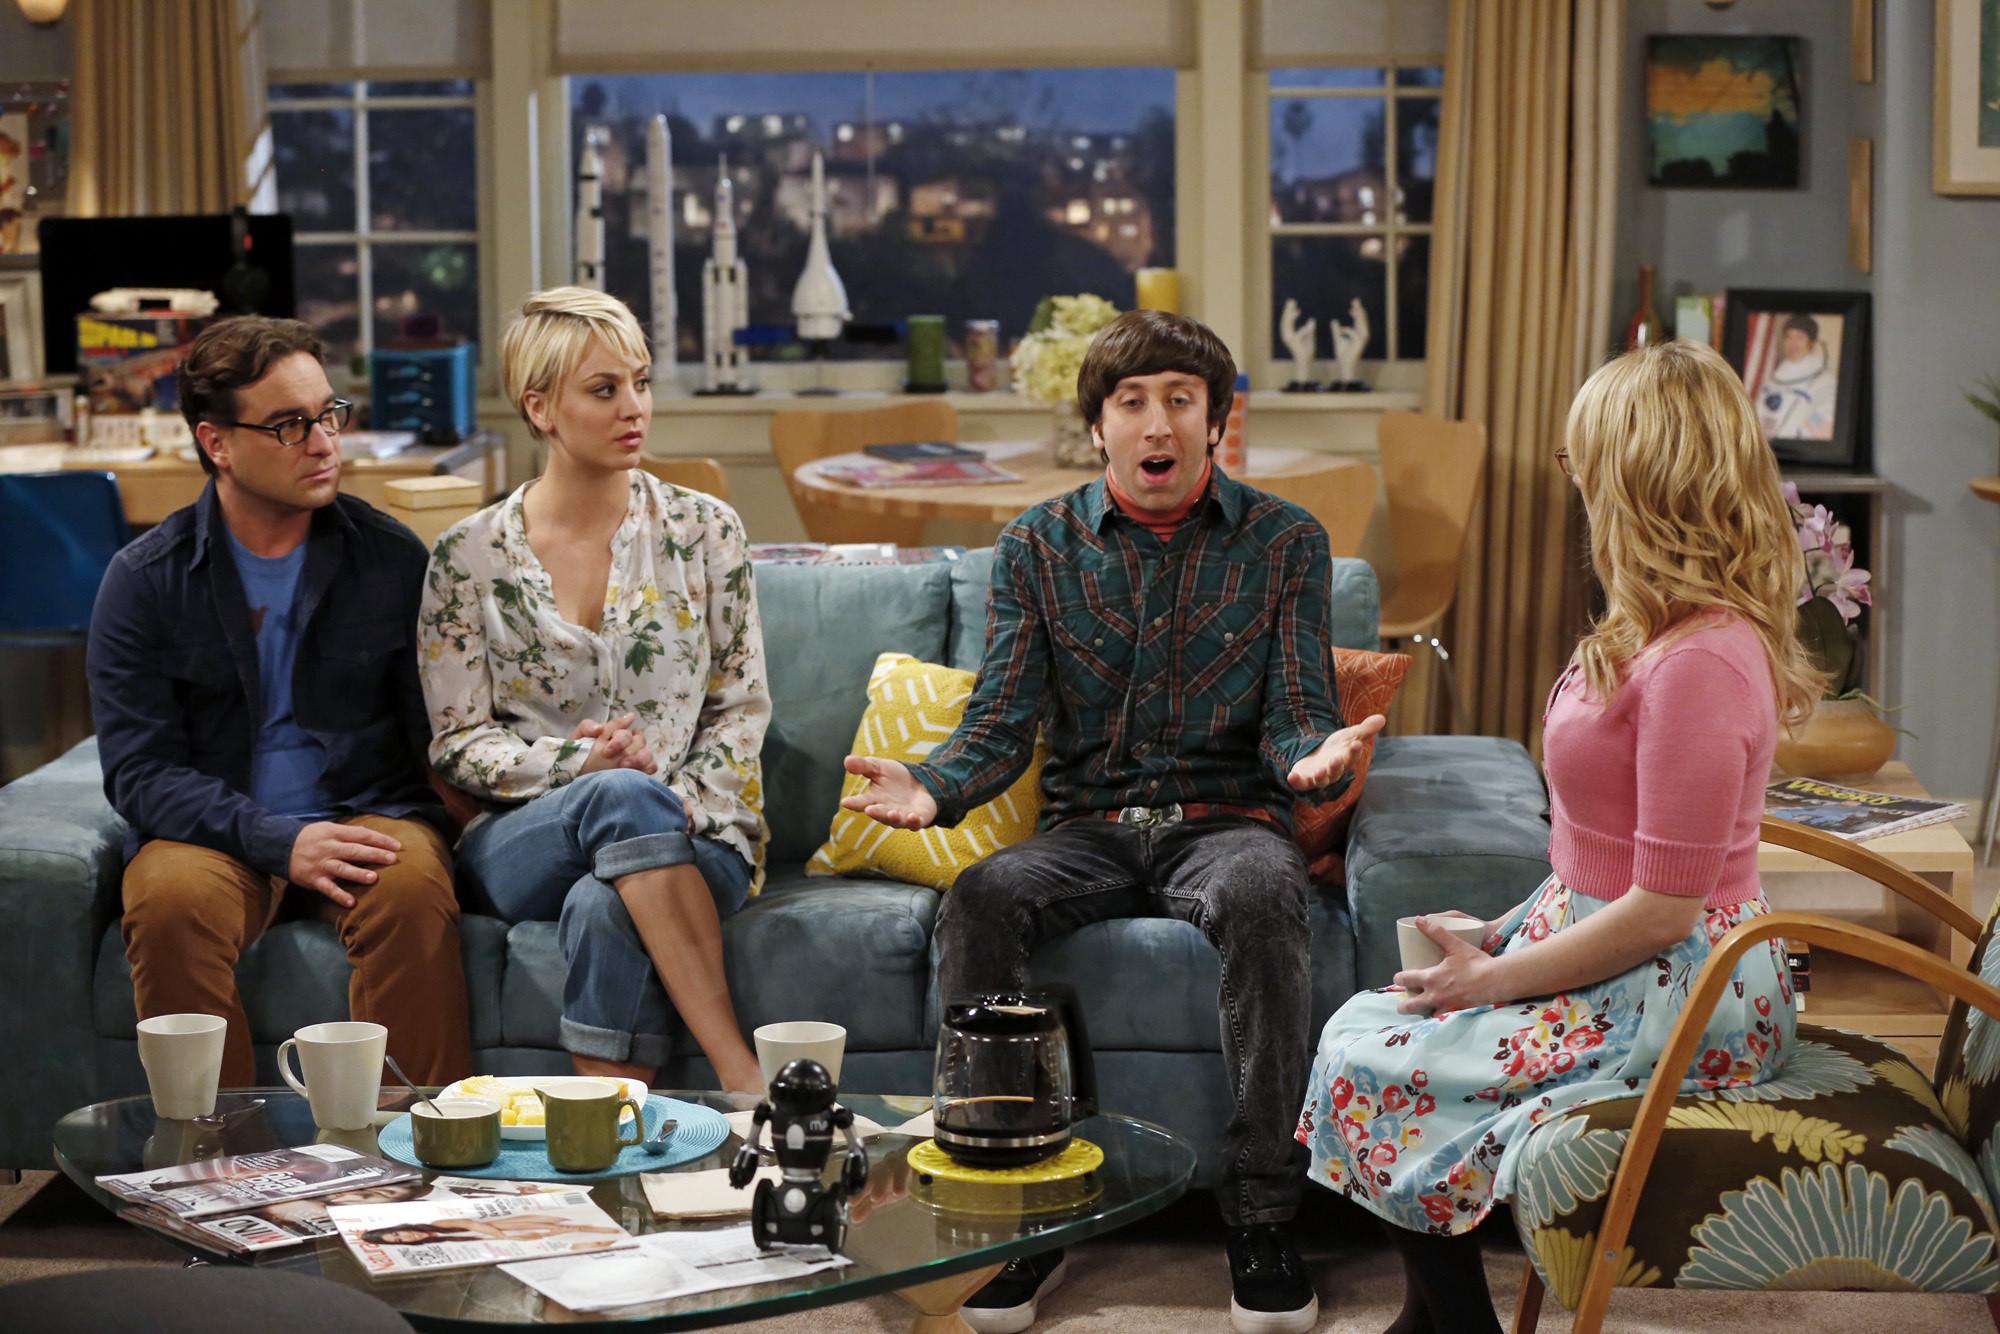 TV ratings: 'Big Bang Theory' wins night; 'The Voice' drops